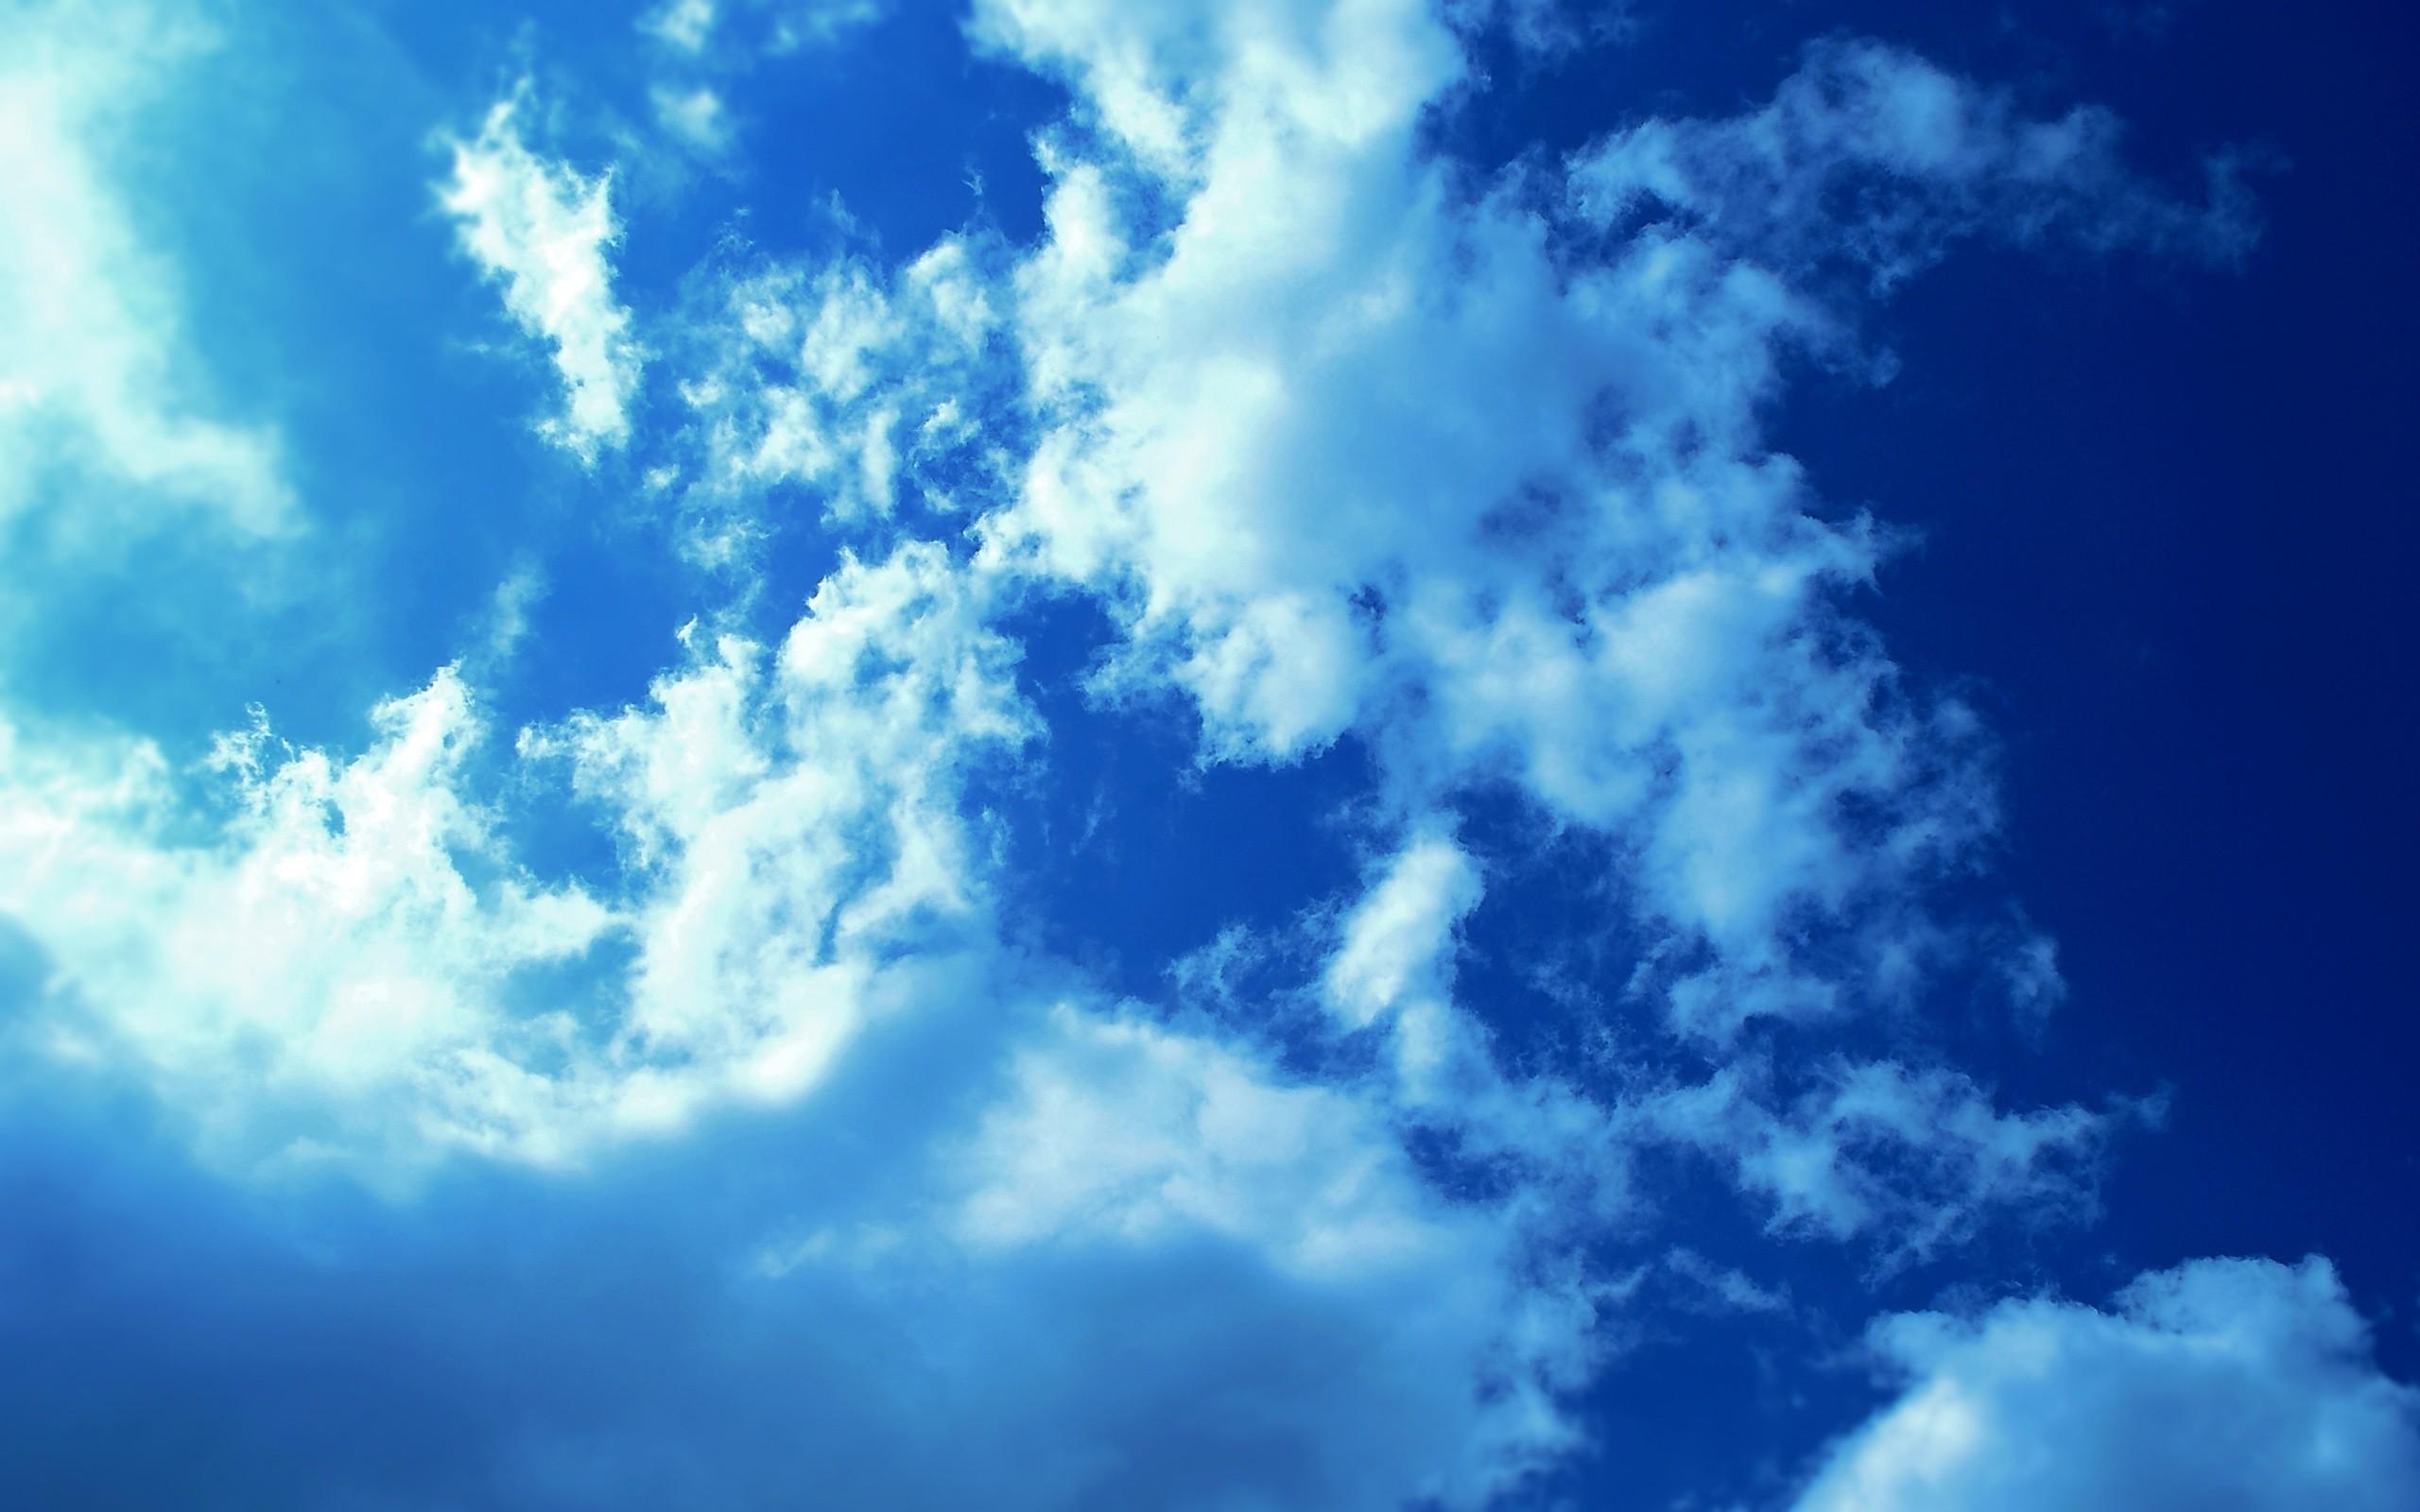 Blue Clouds Wallpaper – WallpaperSafari